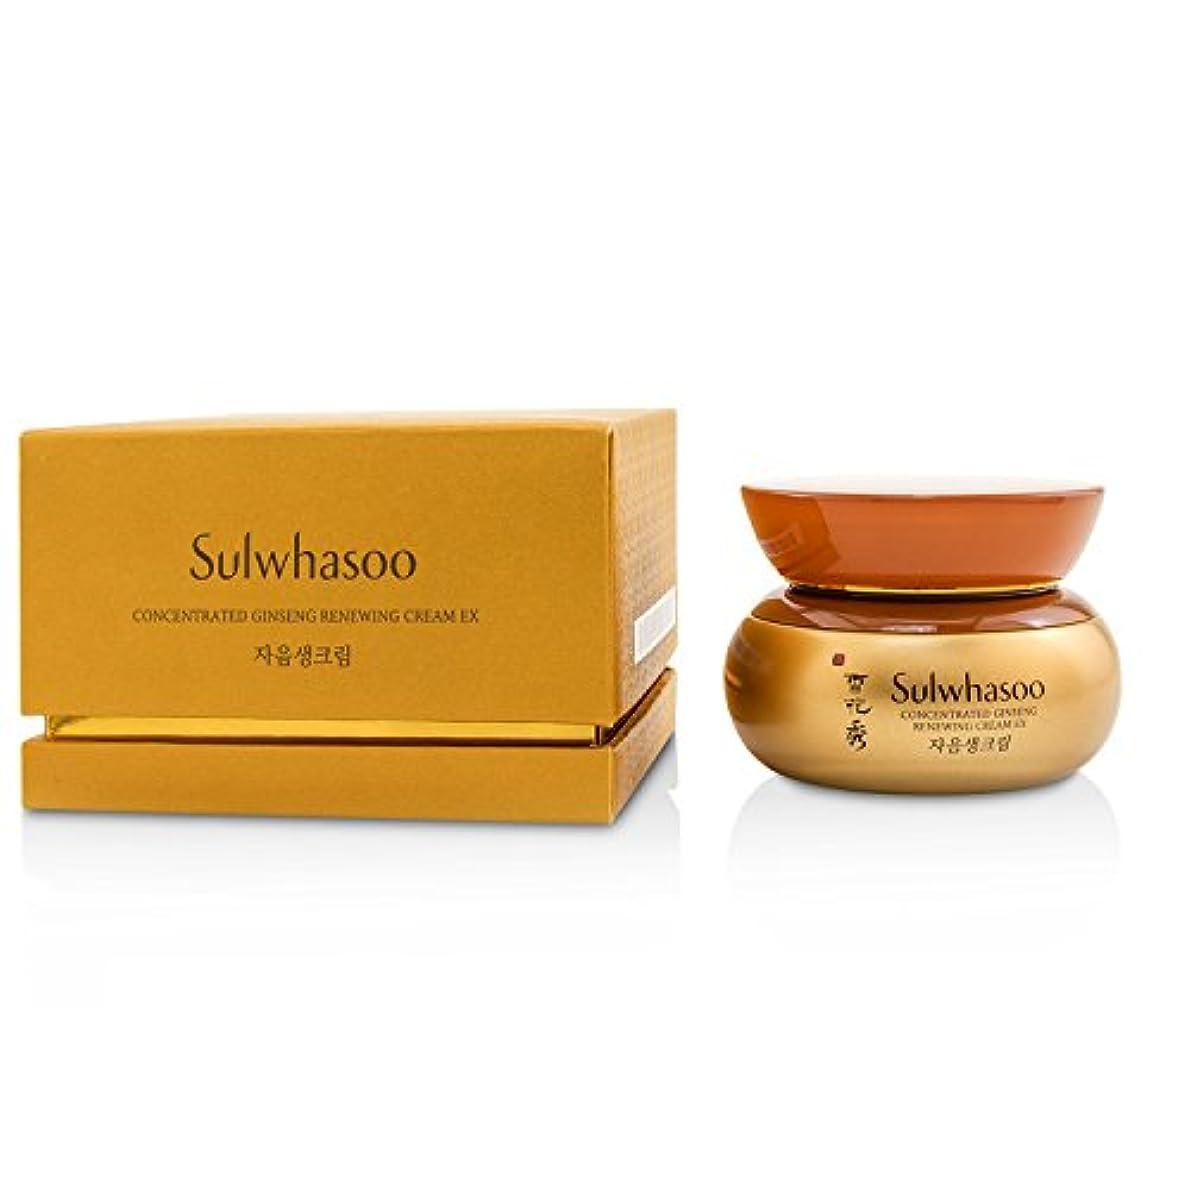 ソルファス Concentrated Ginseng Renewing Cream EX 60ml/2.02oz並行輸入品